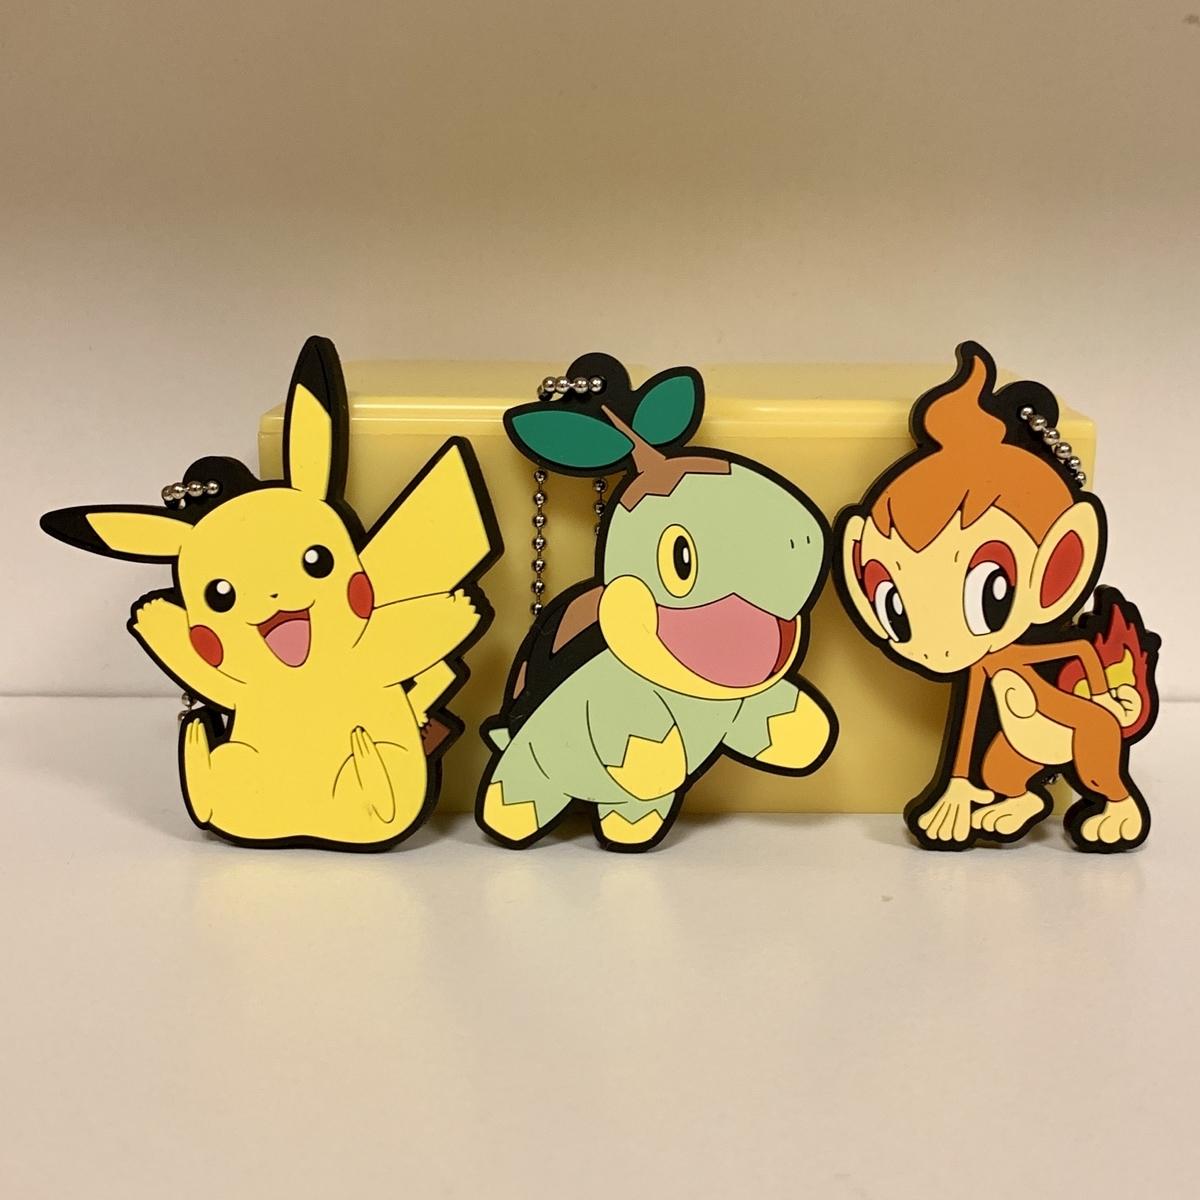 f:id:pikachu_pcn:20190916182507j:plain